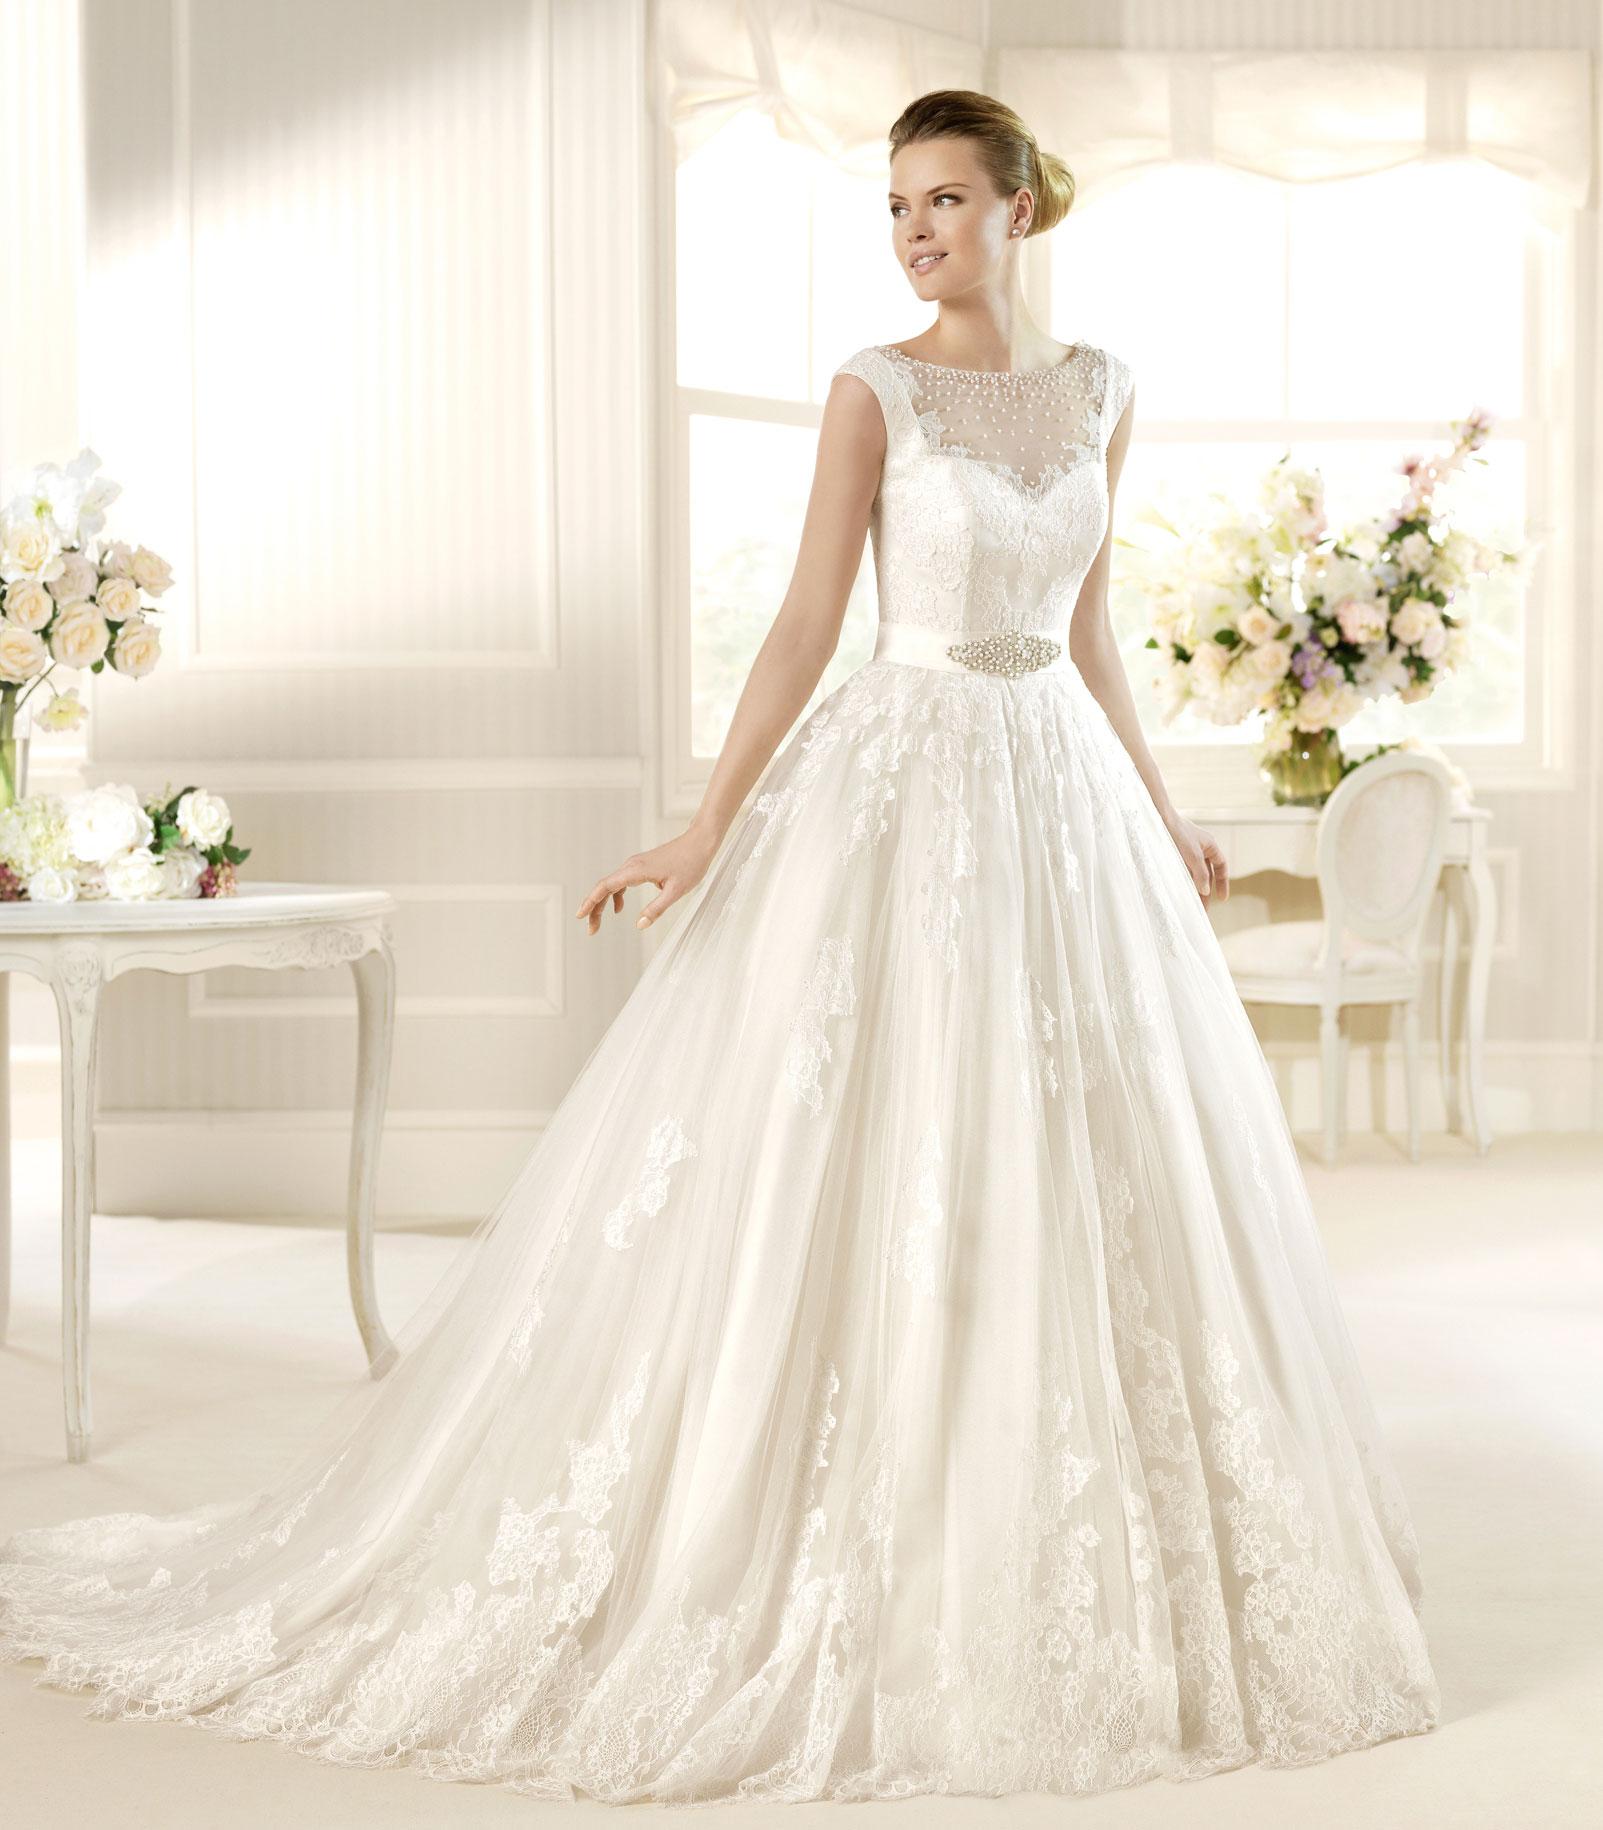 AroosSite.com عروس سایت AroosSite لباس عروس پوشیده مدل جدید 2016 Lebas jadid